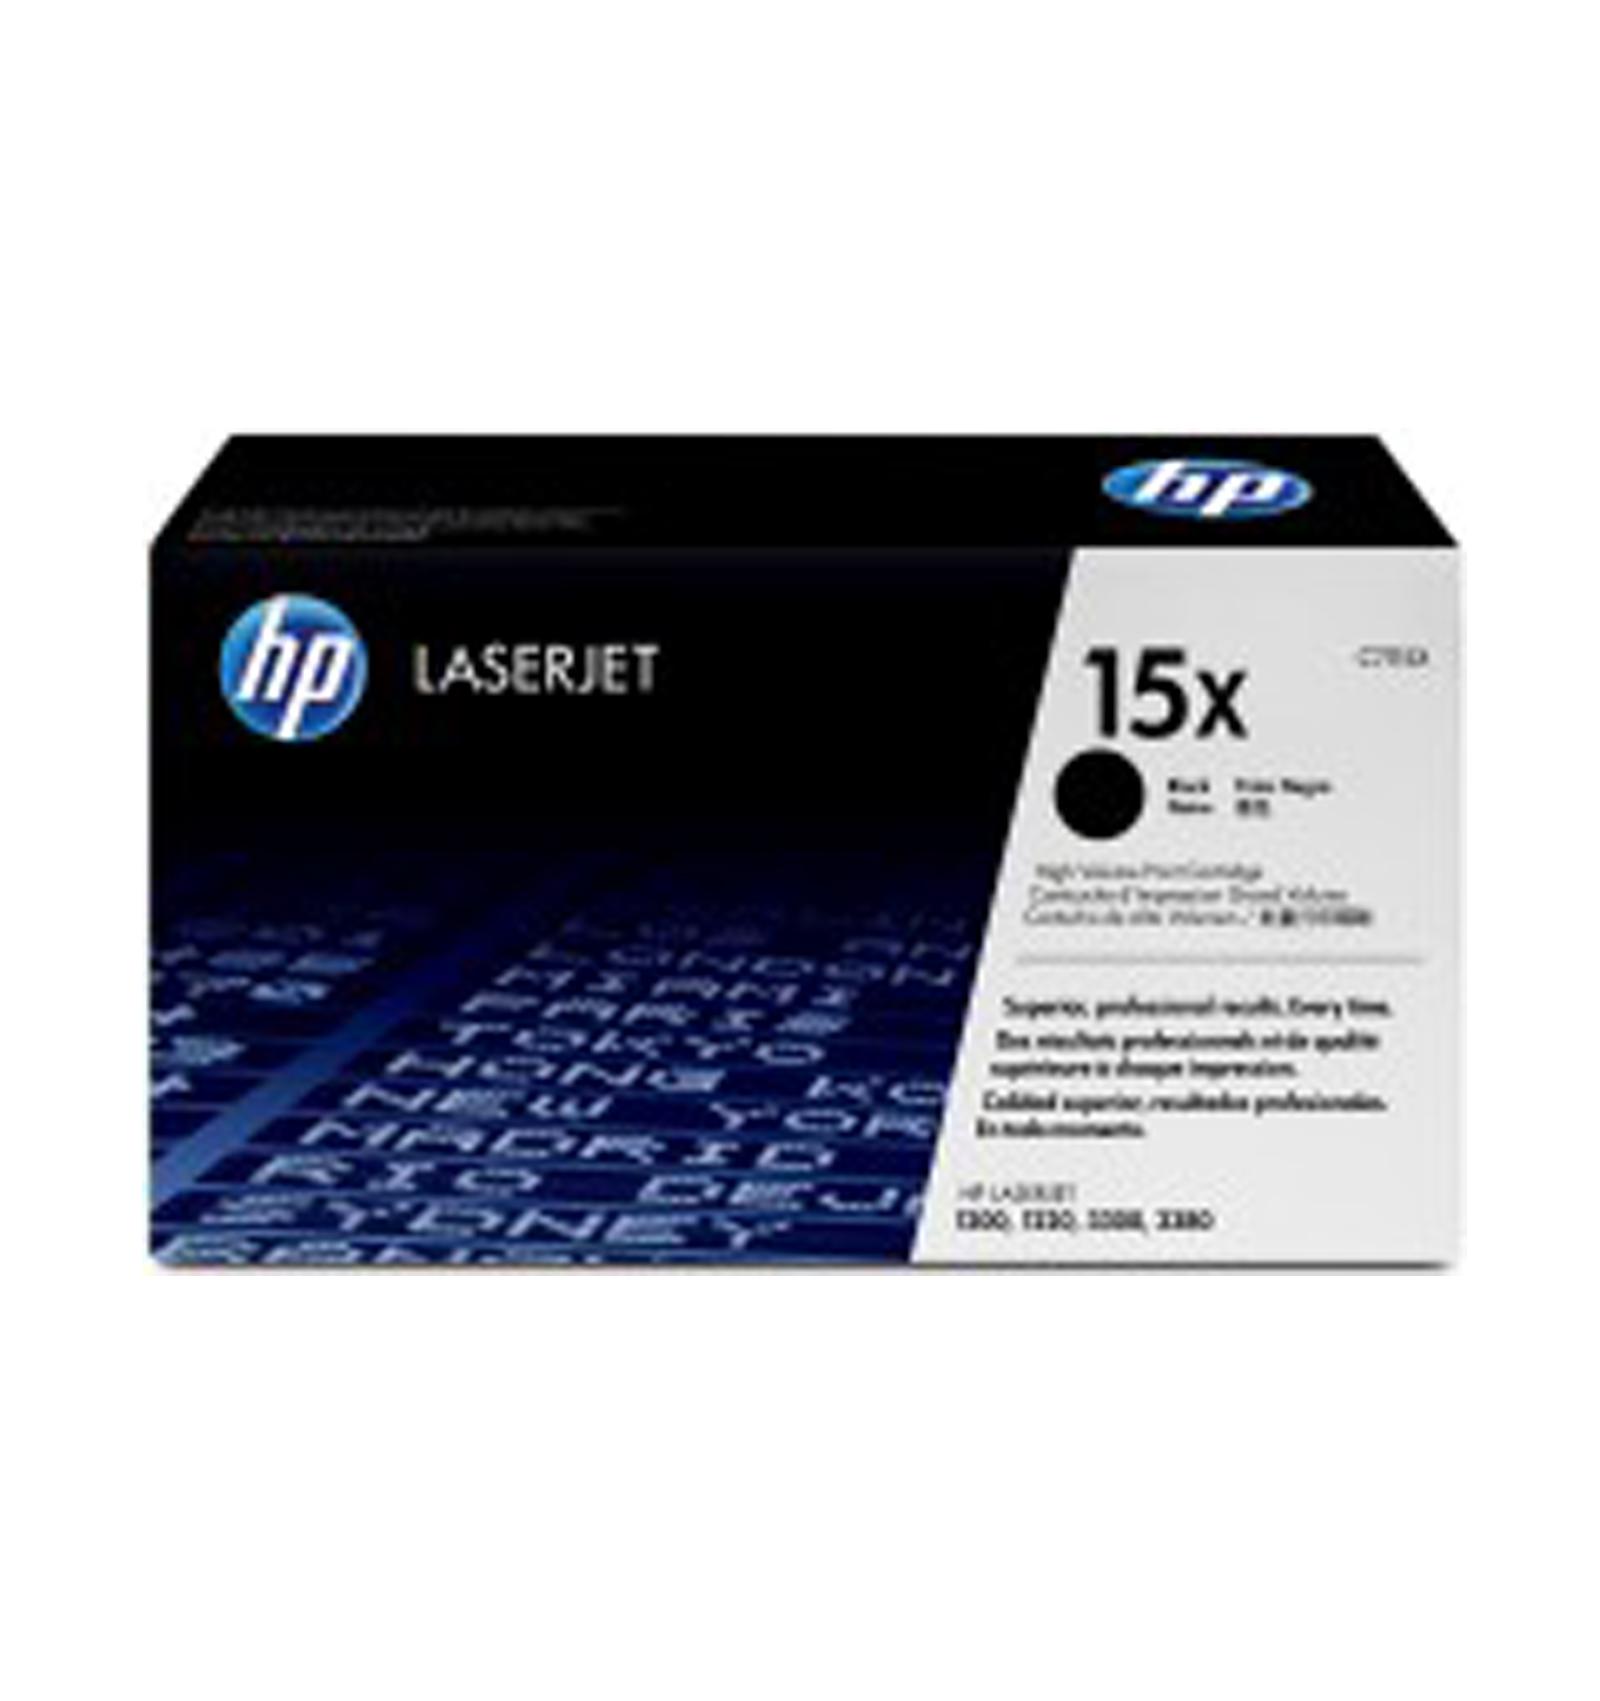 Заправка картриджей HP C7115X (15Х) для LJ 1000w/1005w/1200/1220/3300/3380